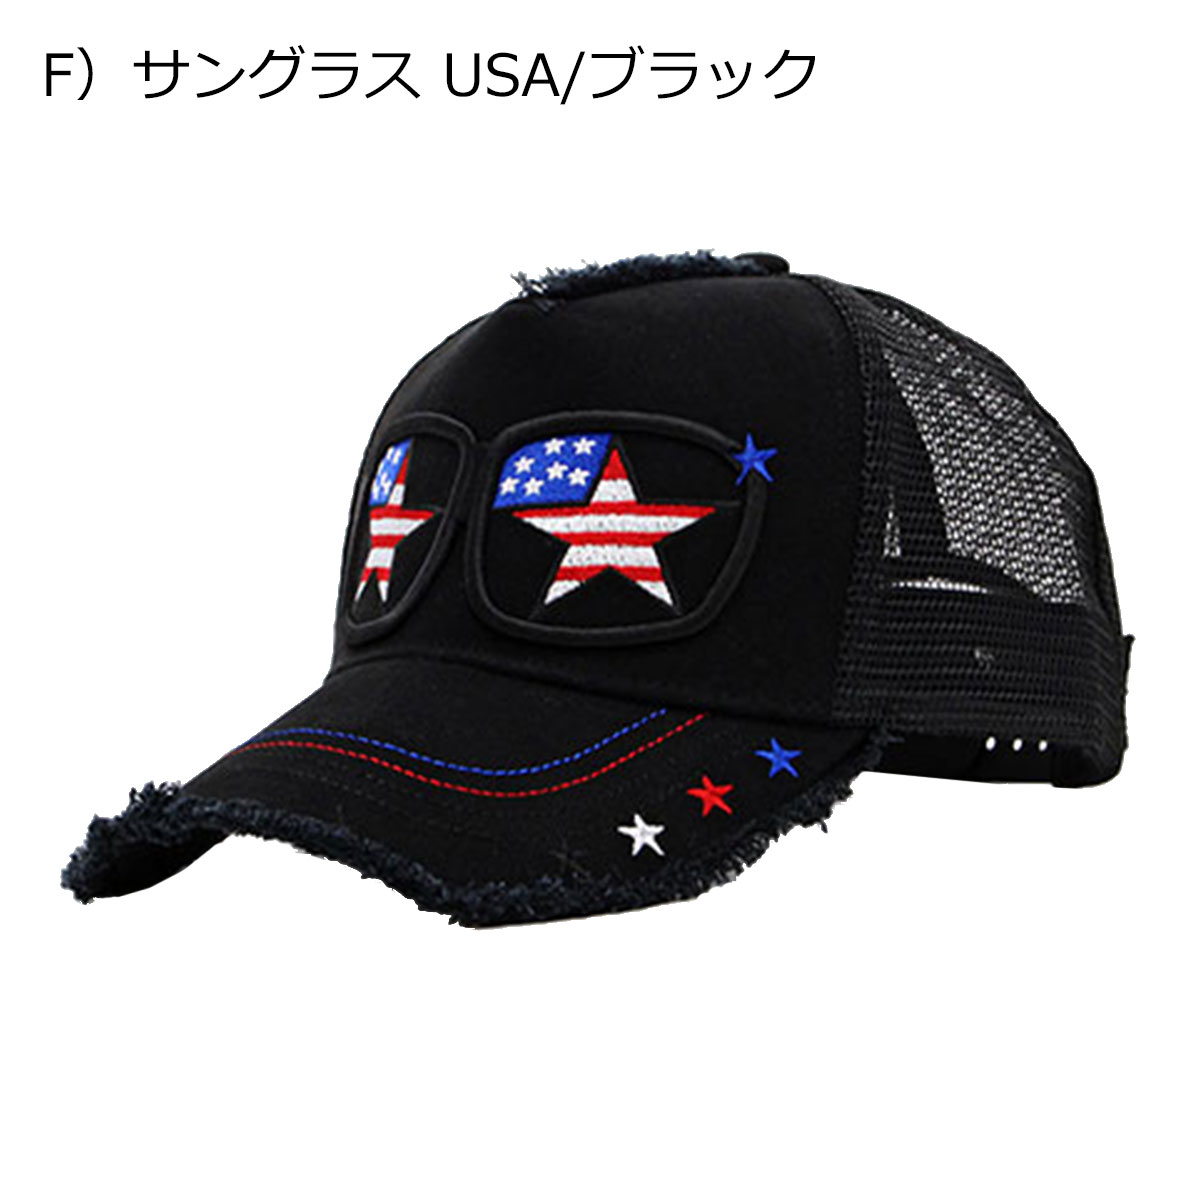 F)サングラス USA/ブラック